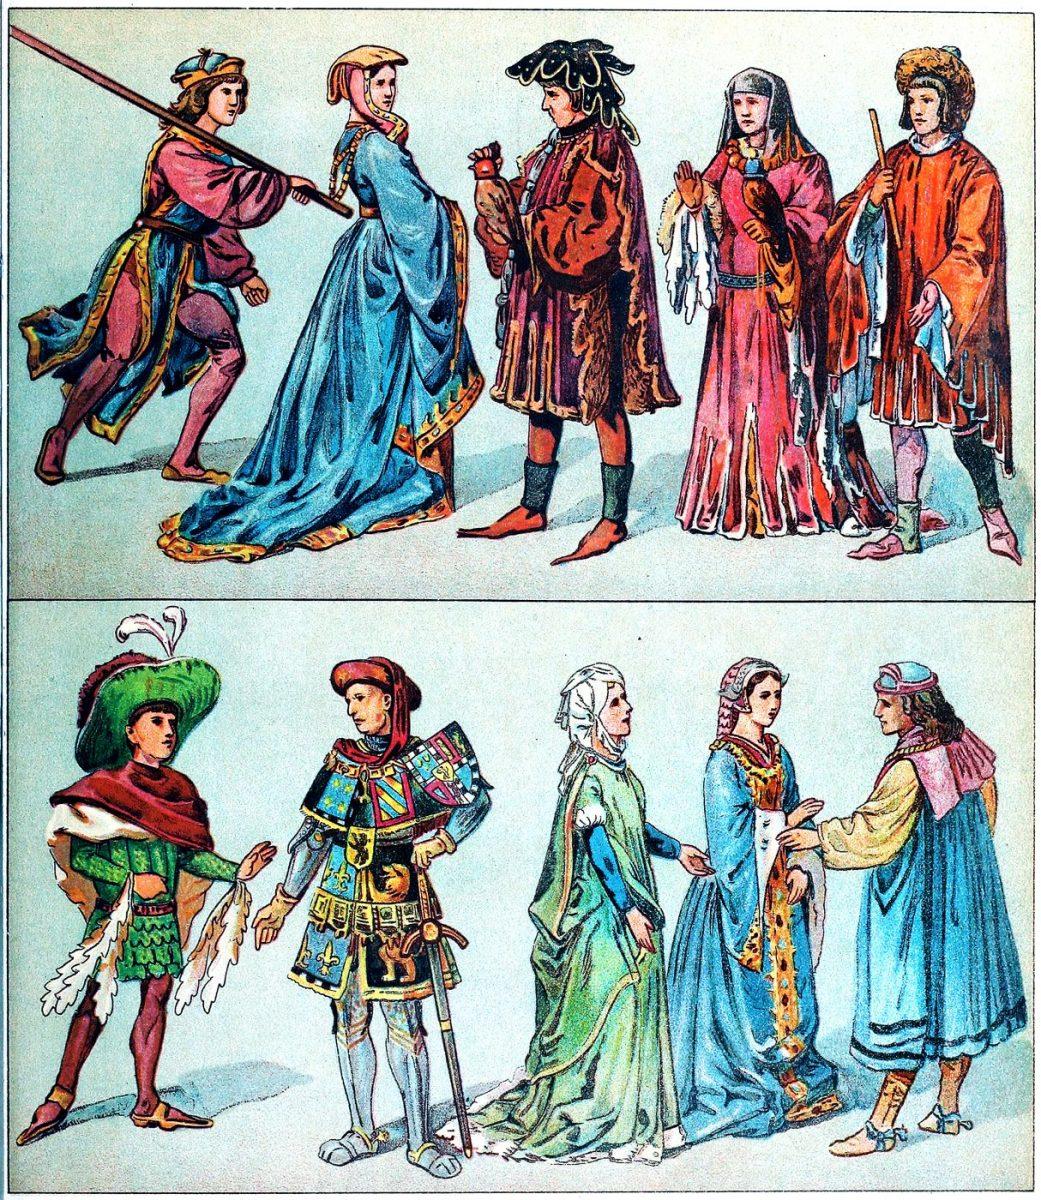 Burgunder, Burgund, Mode, Mittelalter, Gewandung, Gotik, Zaddeln, Hoike, Schecke, Fürsten, Kostüm